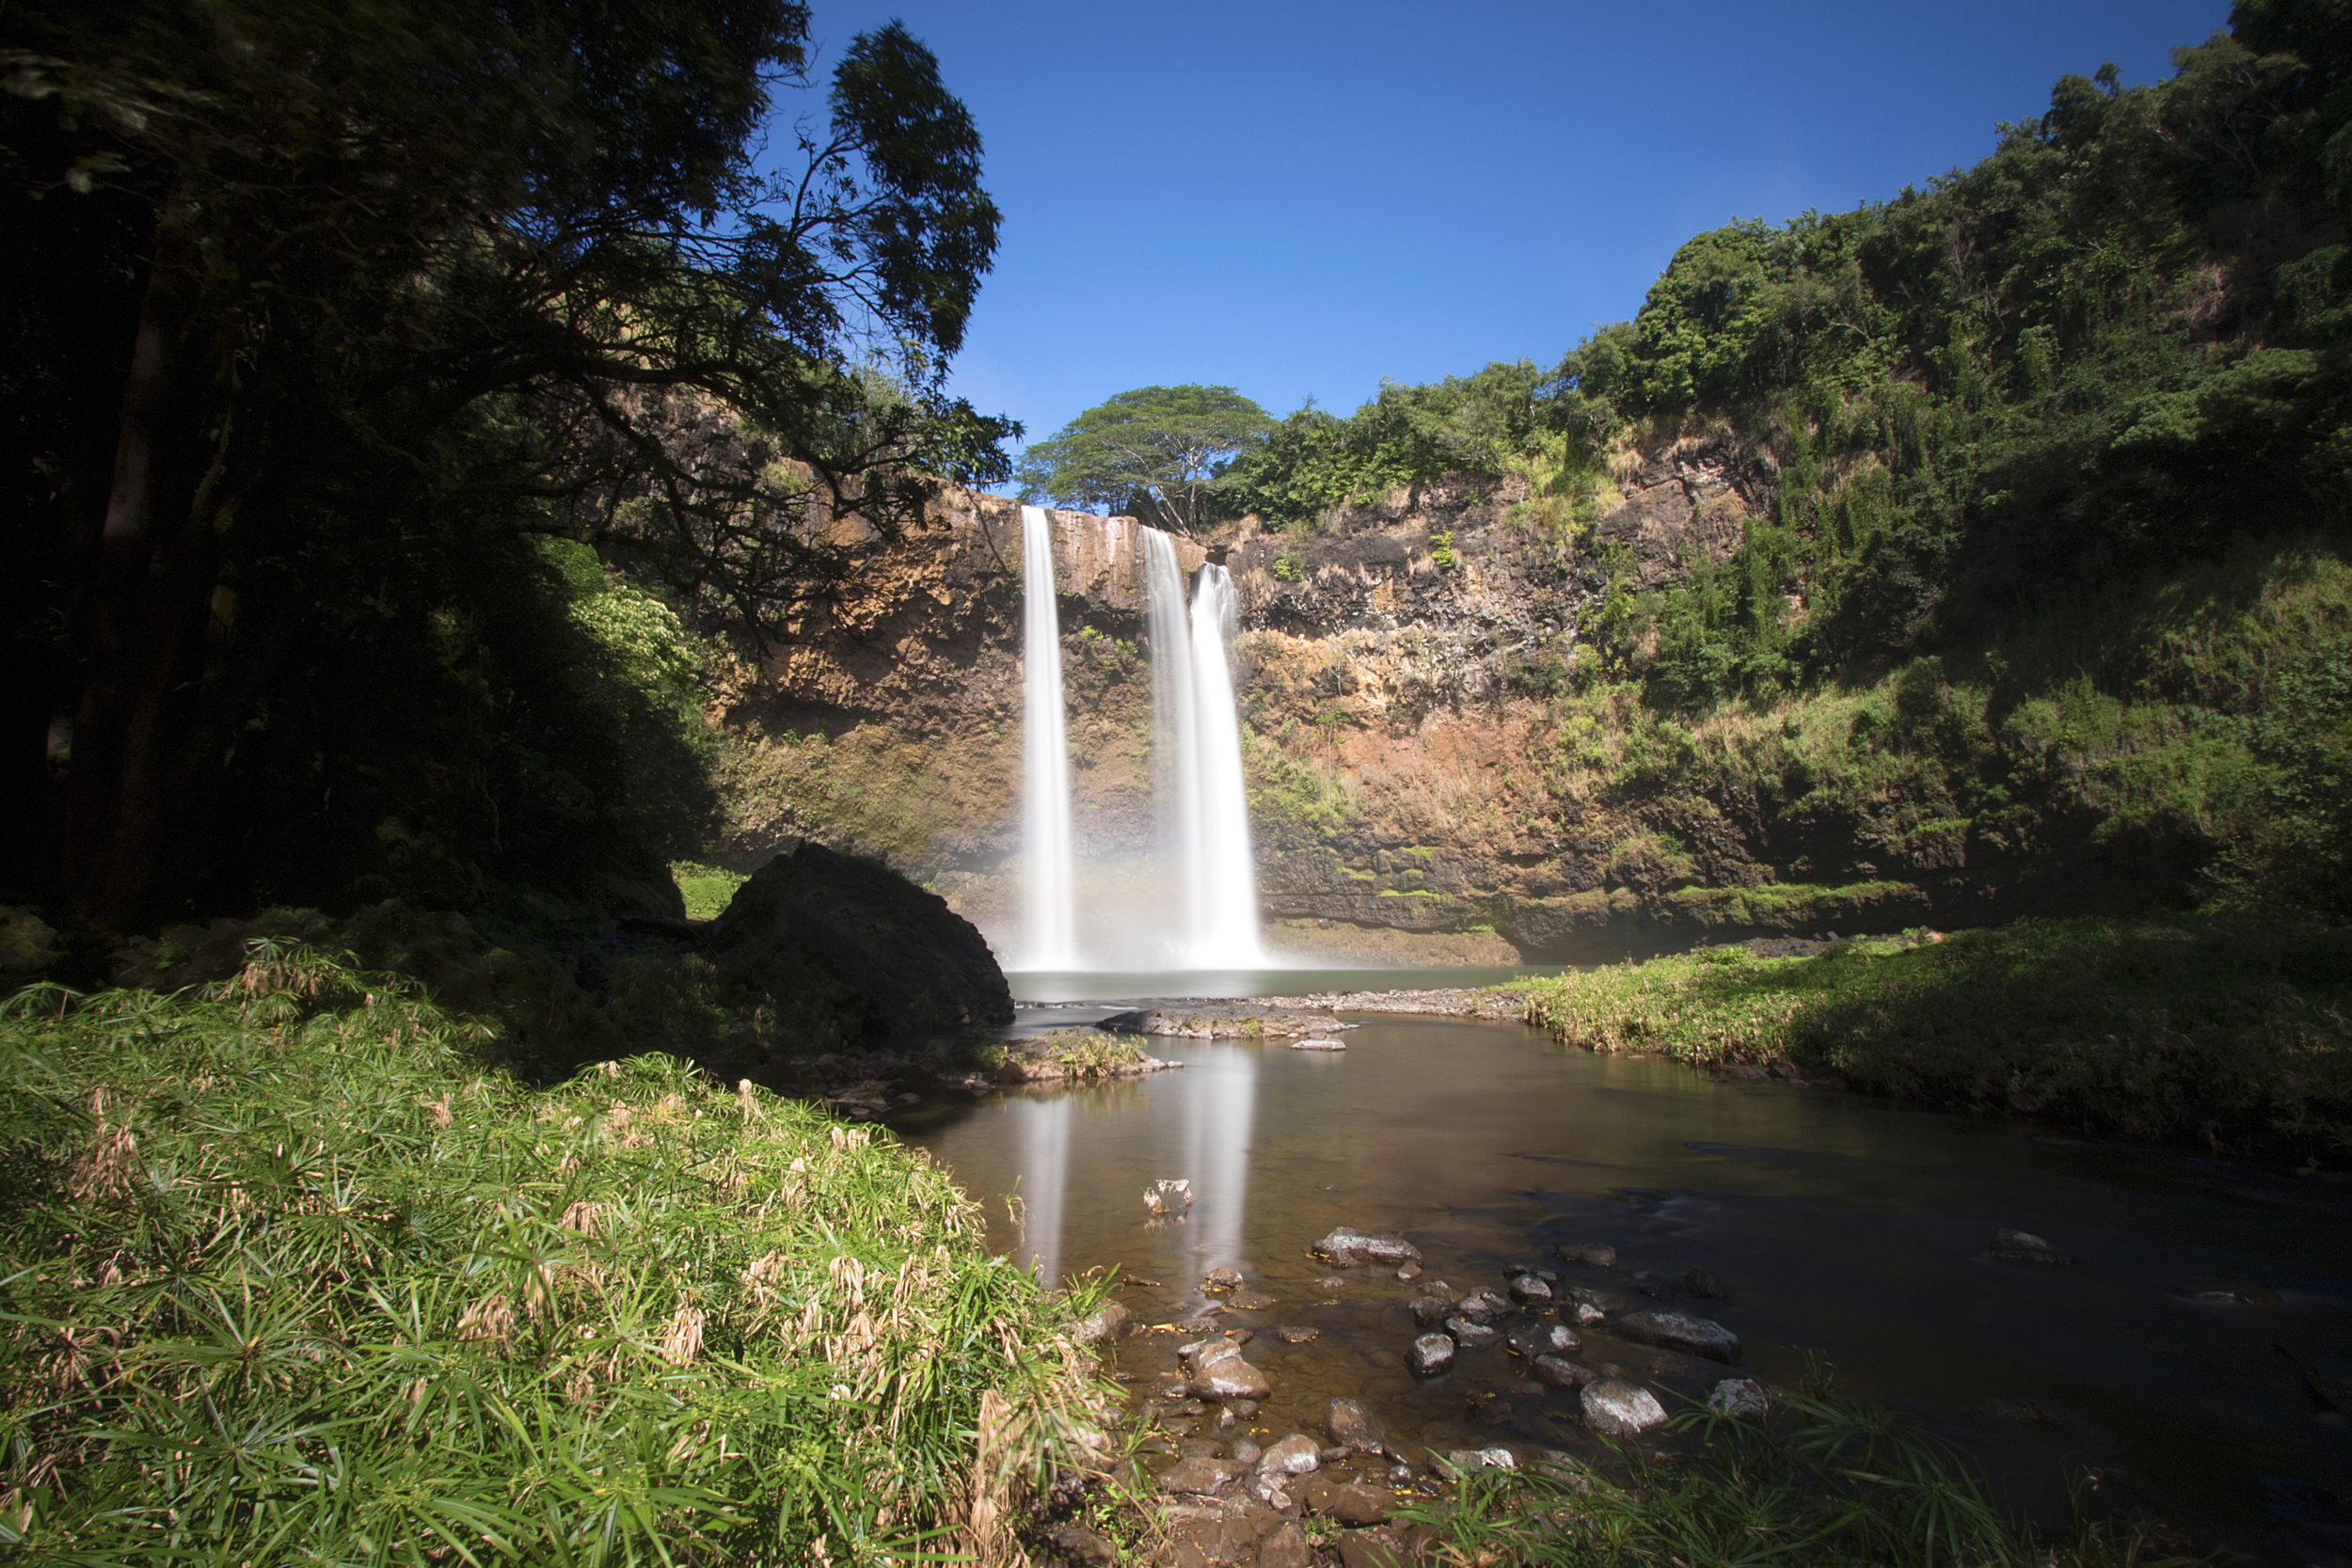 Kauai Flow